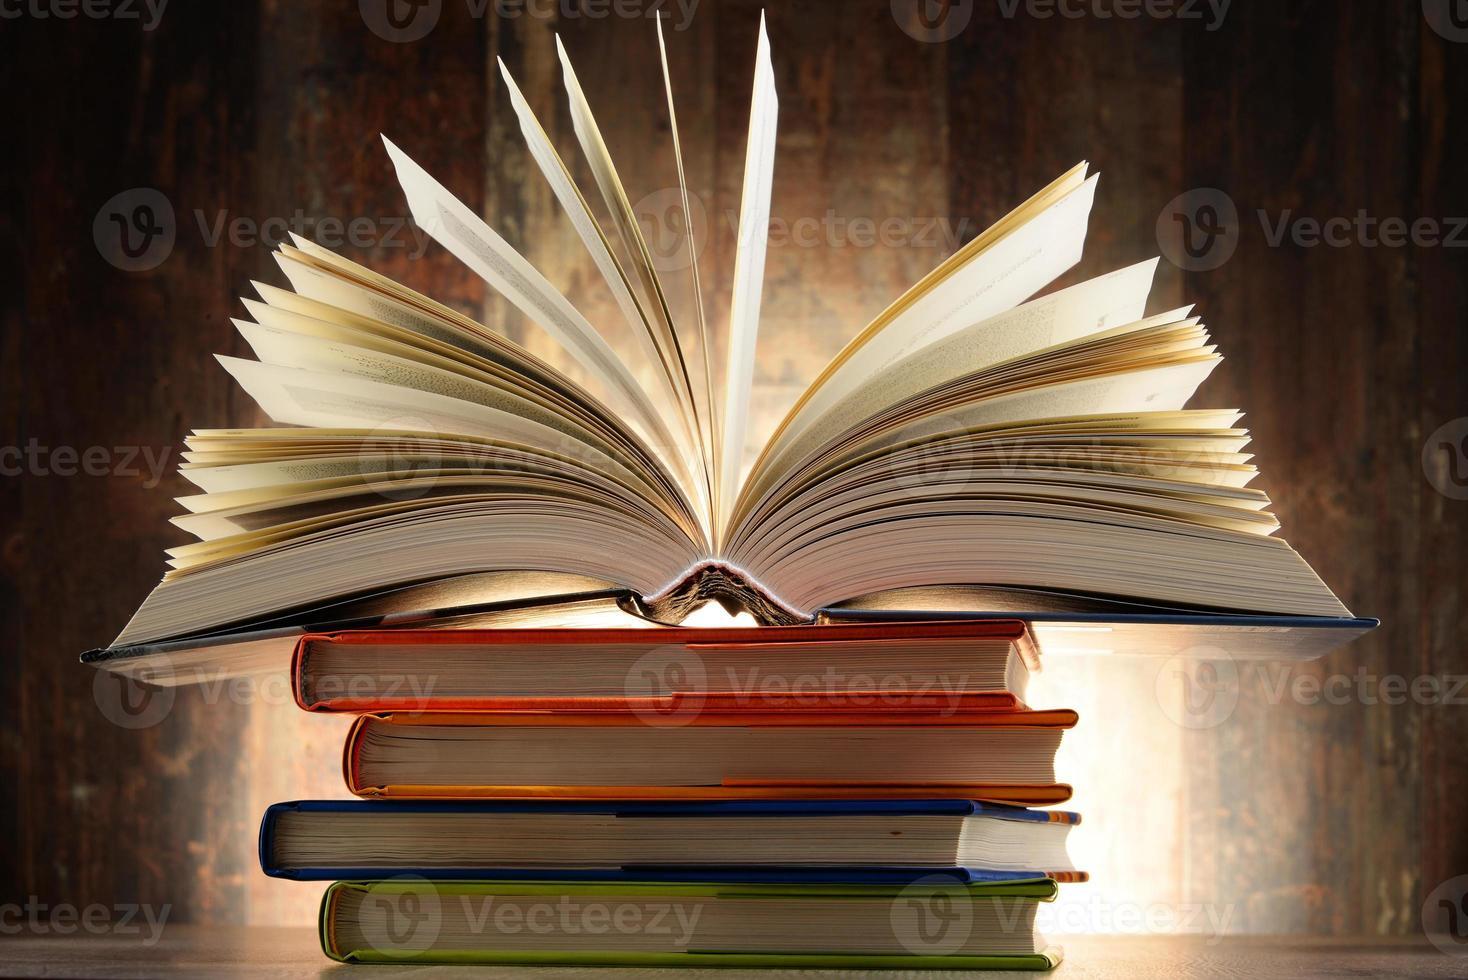 compositie met hardcover boeken foto